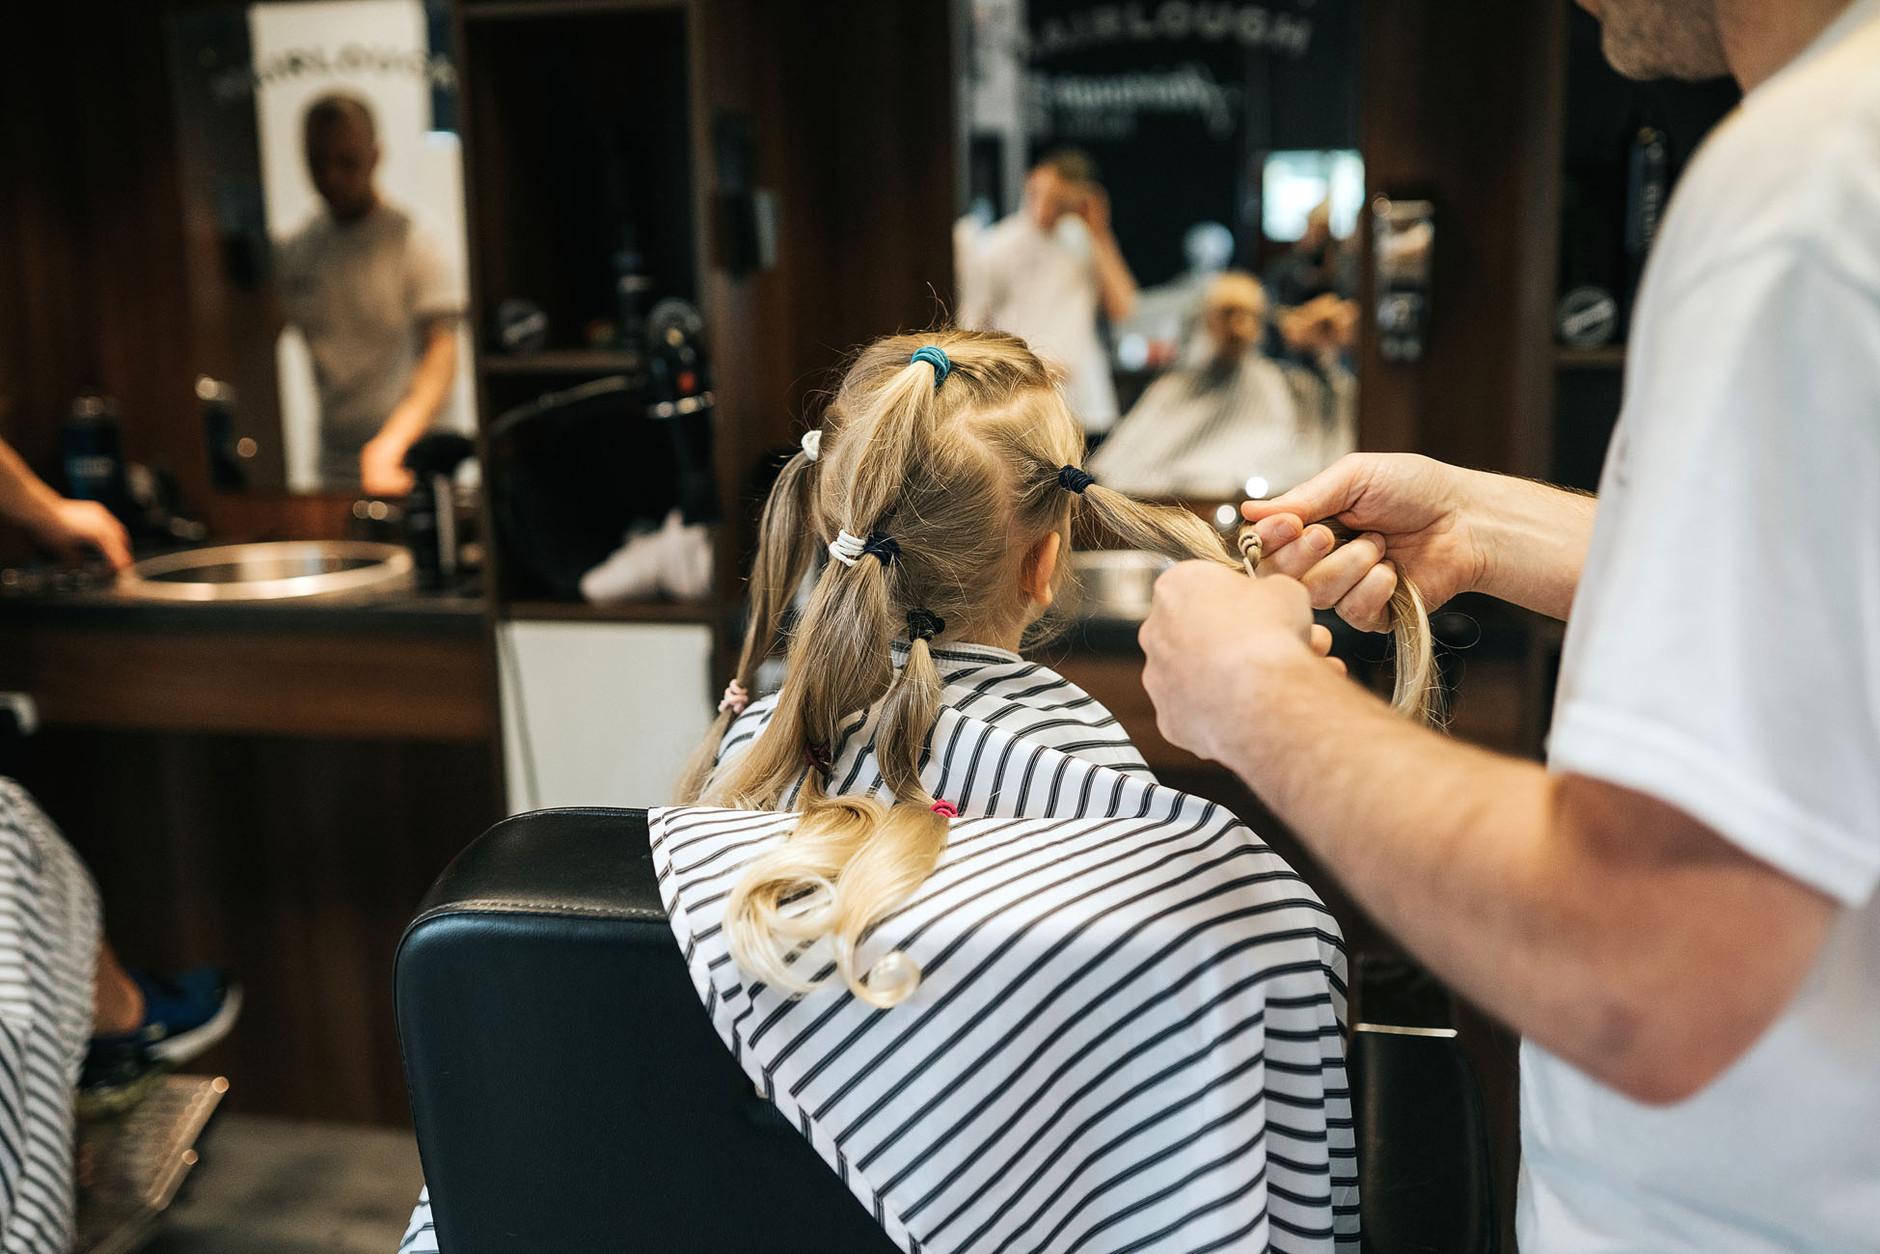 dublin-documentary-family-photography-finn-haircut-0010.jpg